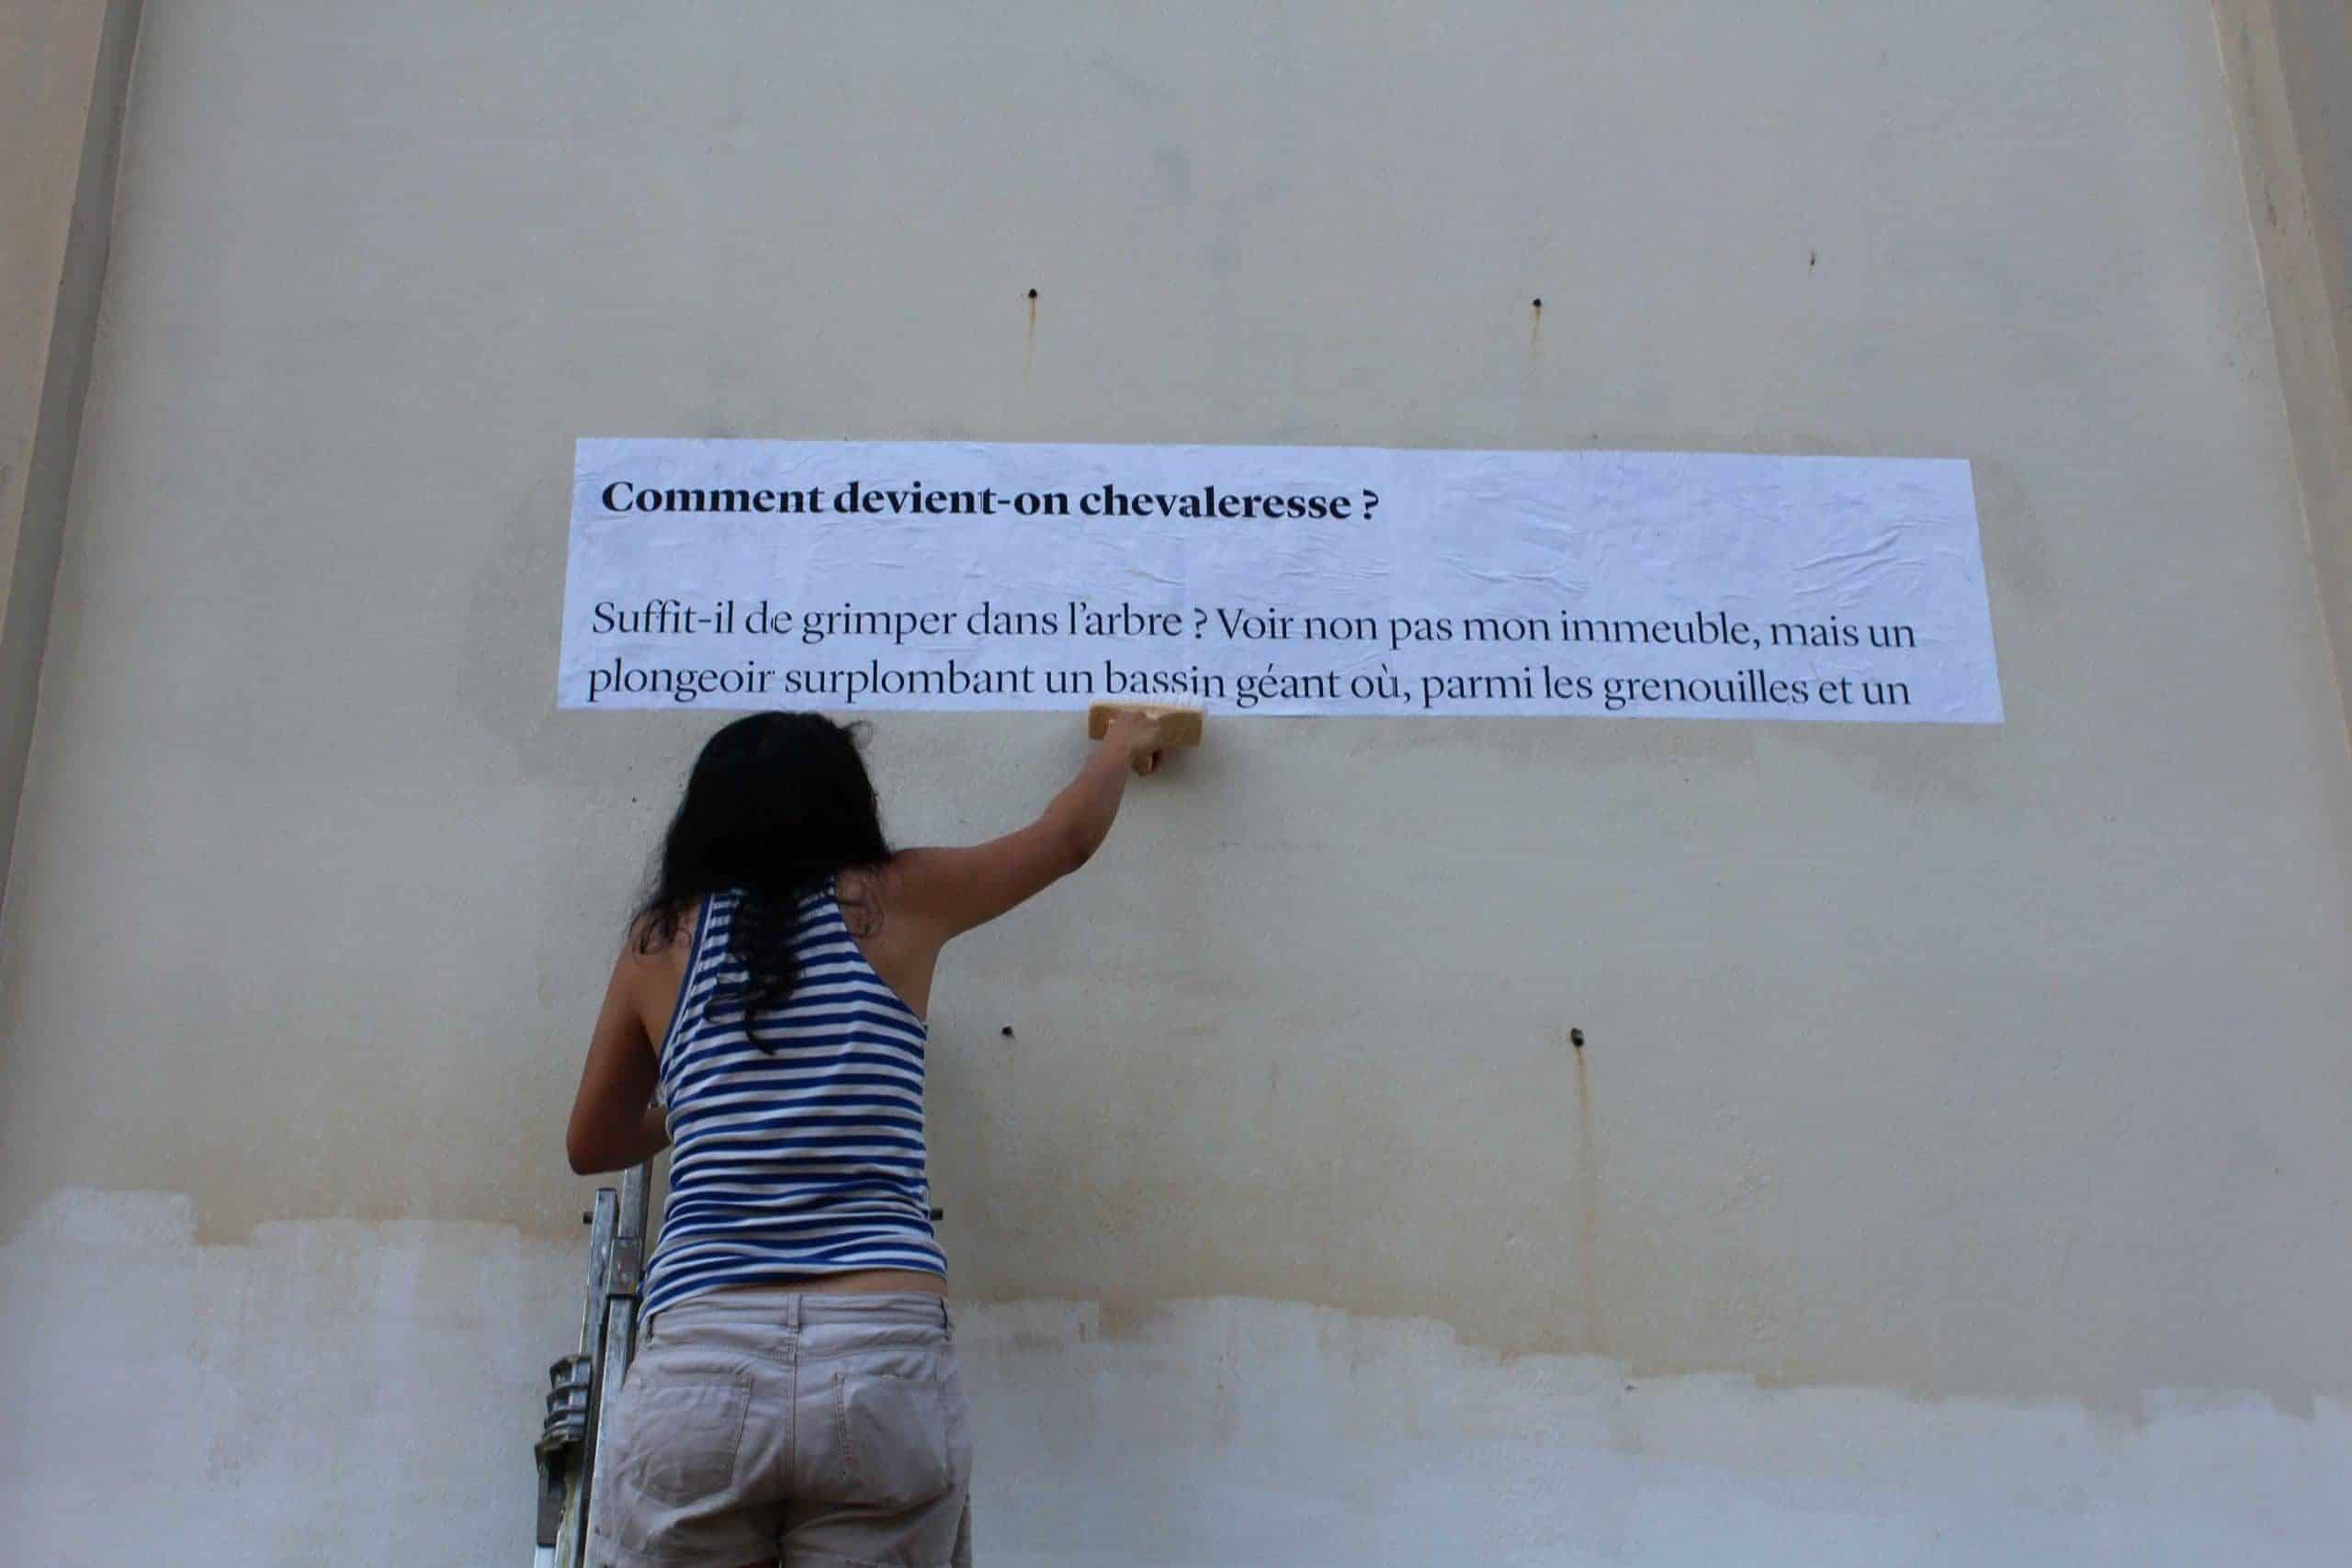 l'entrée des femmes dans les arts week-end de l'art contemporain bordeaux nathalie man